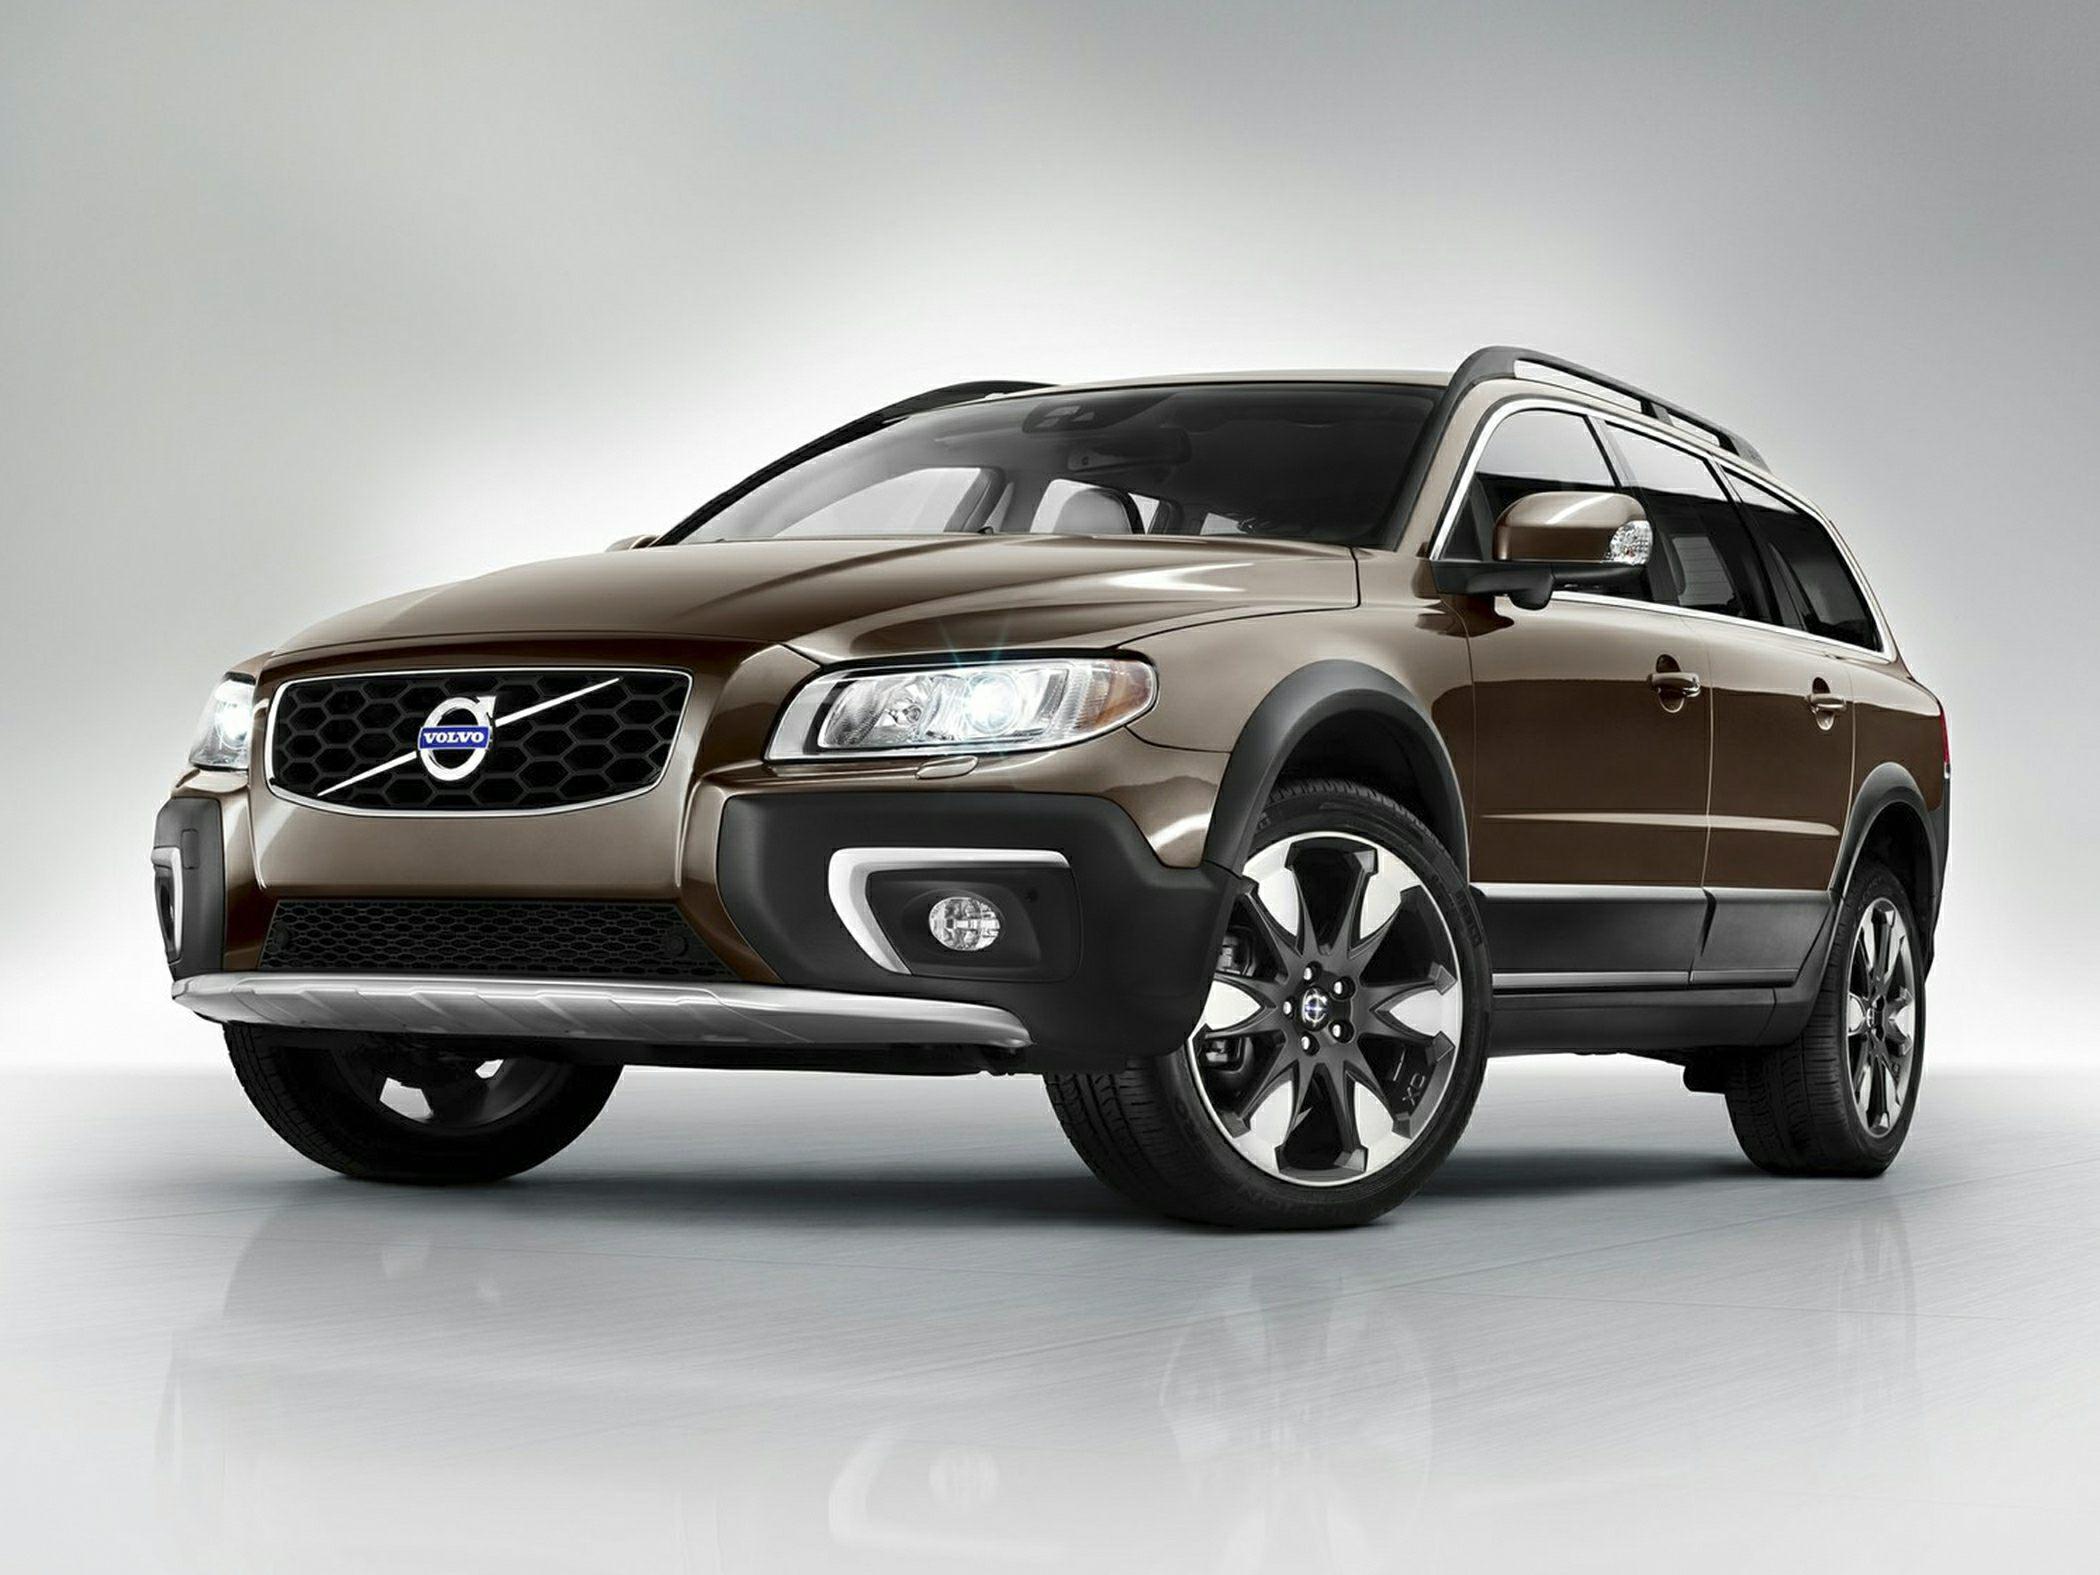 2014 Volvo XC70 Glam